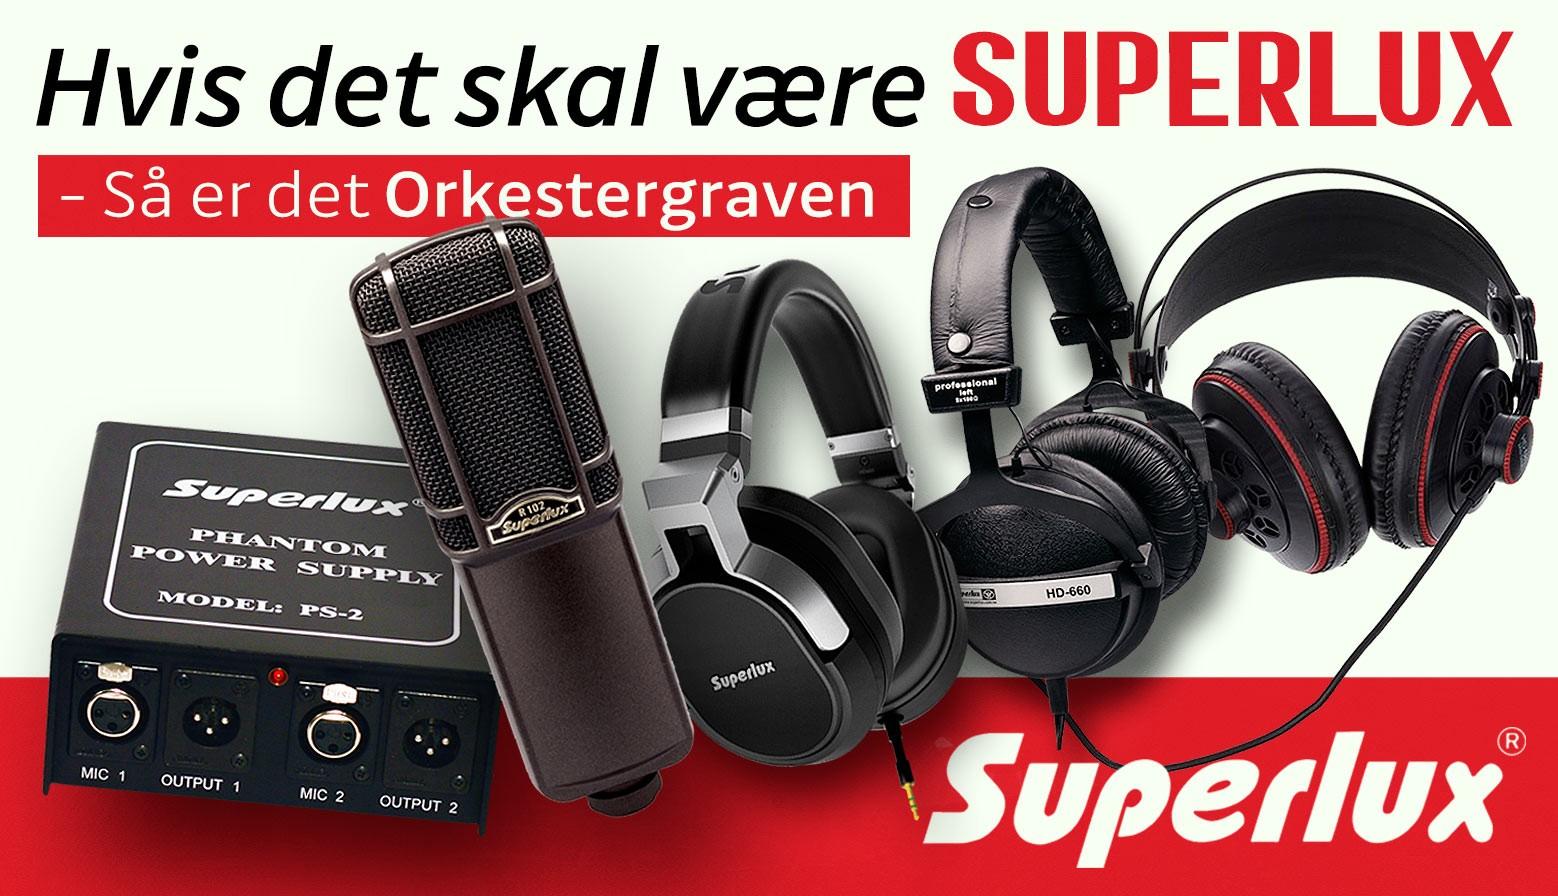 Superlux banner